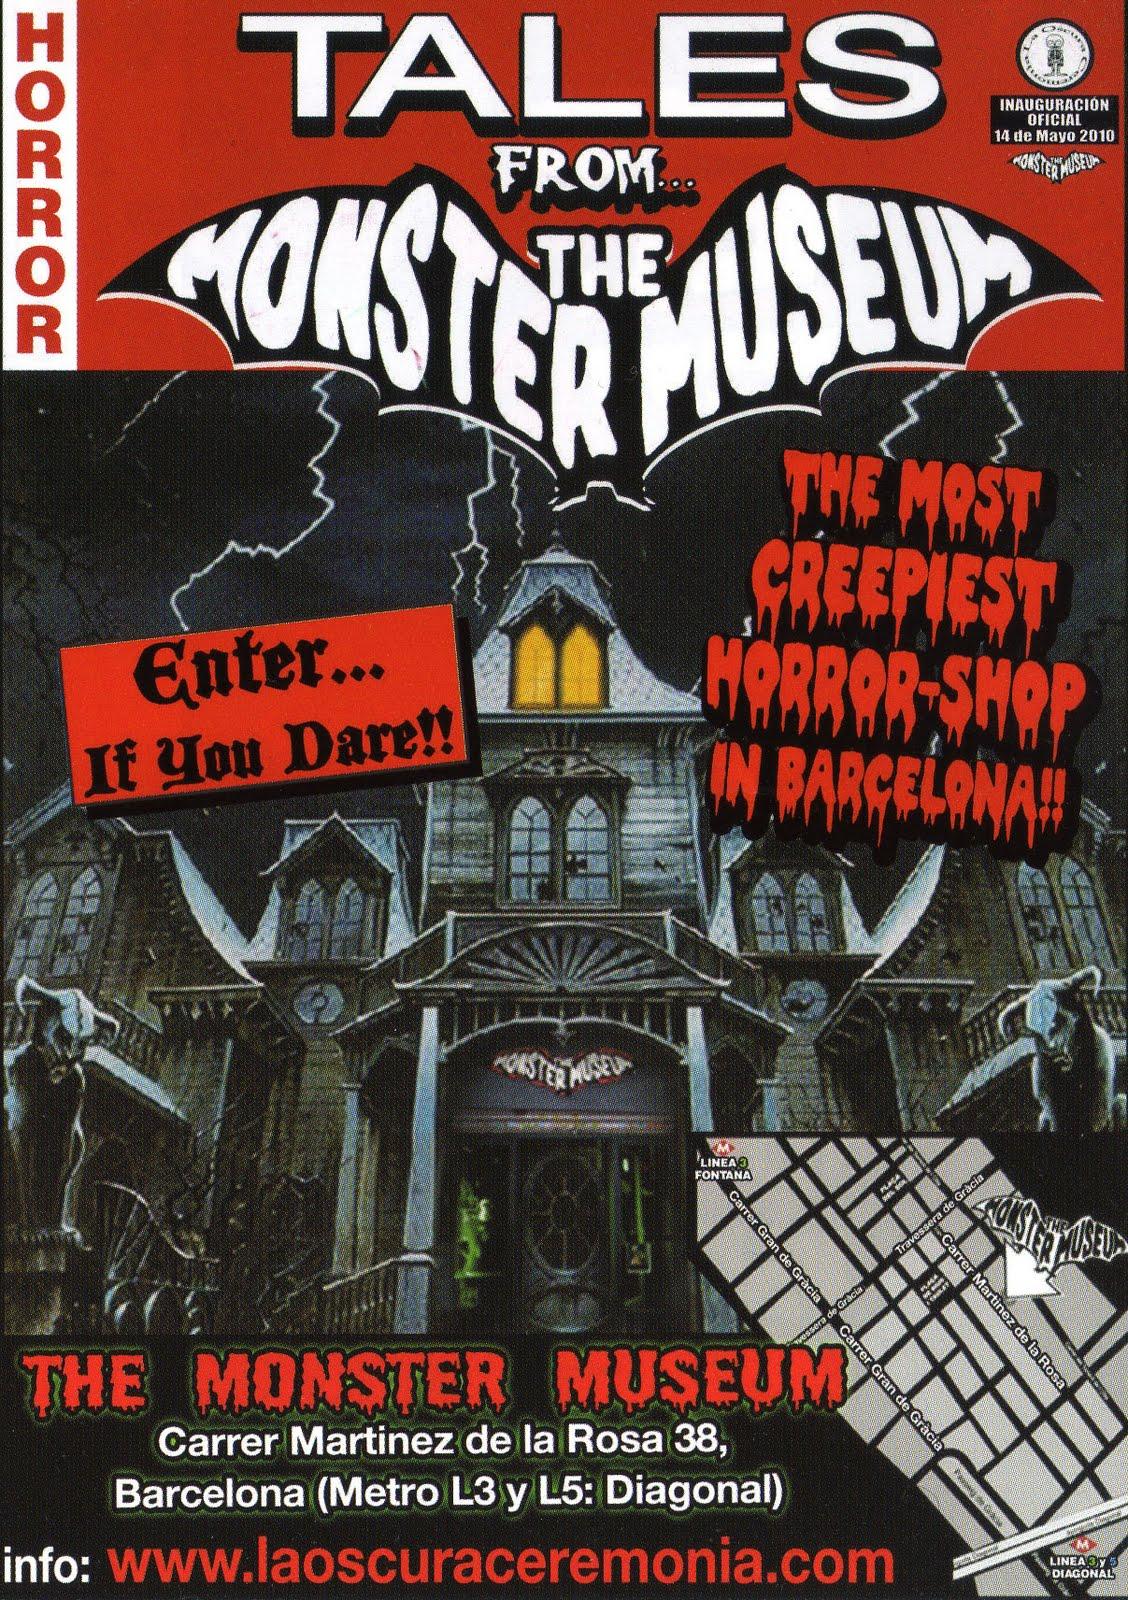 Museo del Horror y del Monstruo en Barcelona